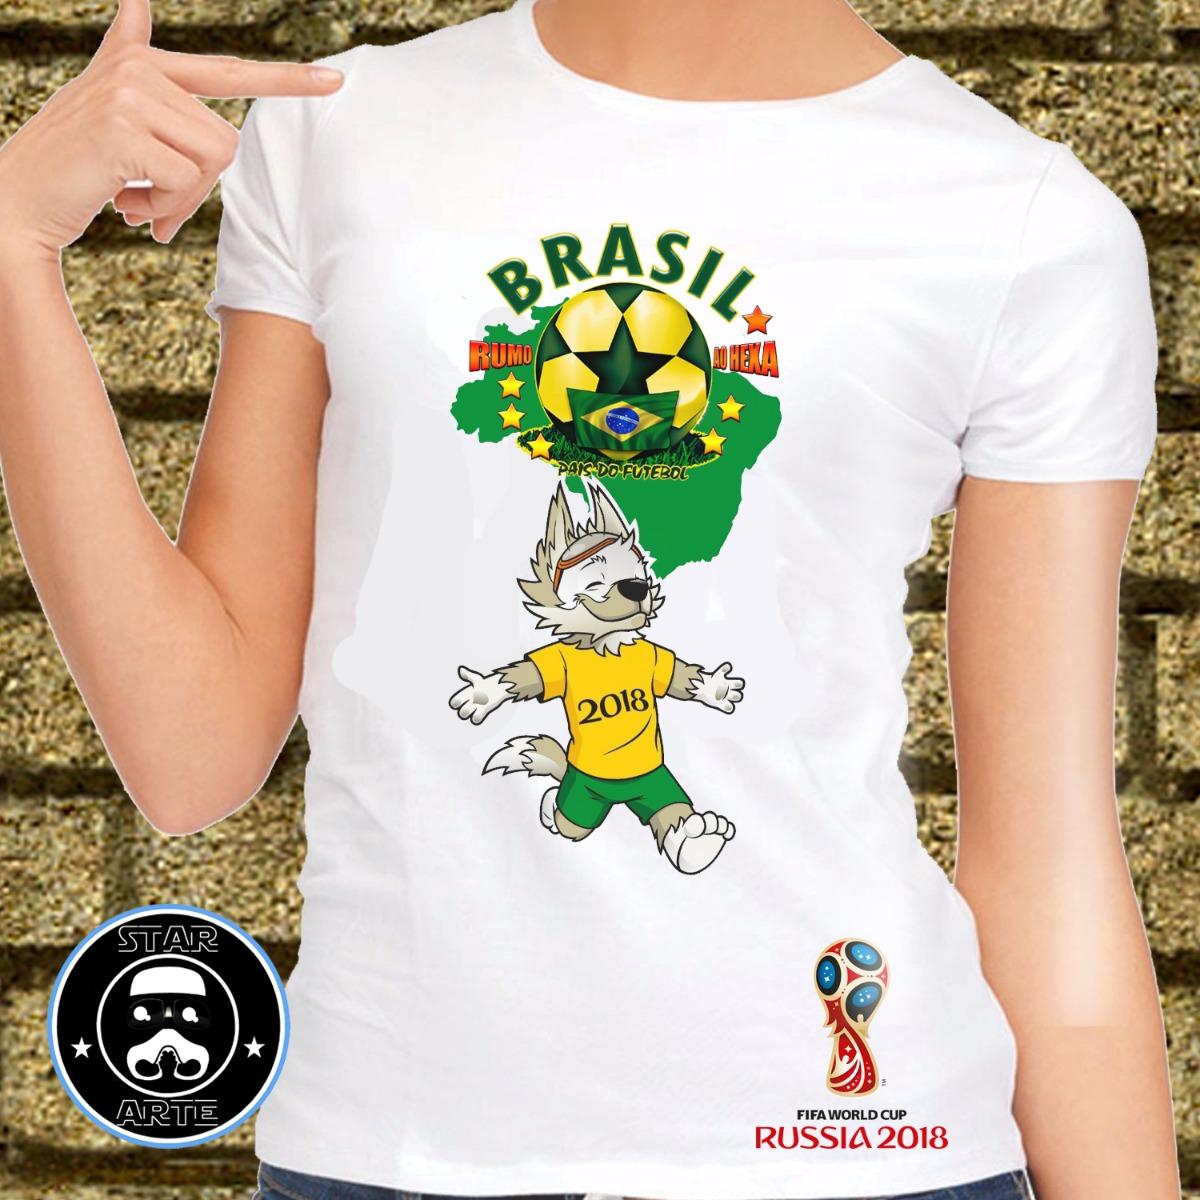 camisa brasil copa 2018 baby look personalizada. Carregando zoom. 0e572547fbe3a